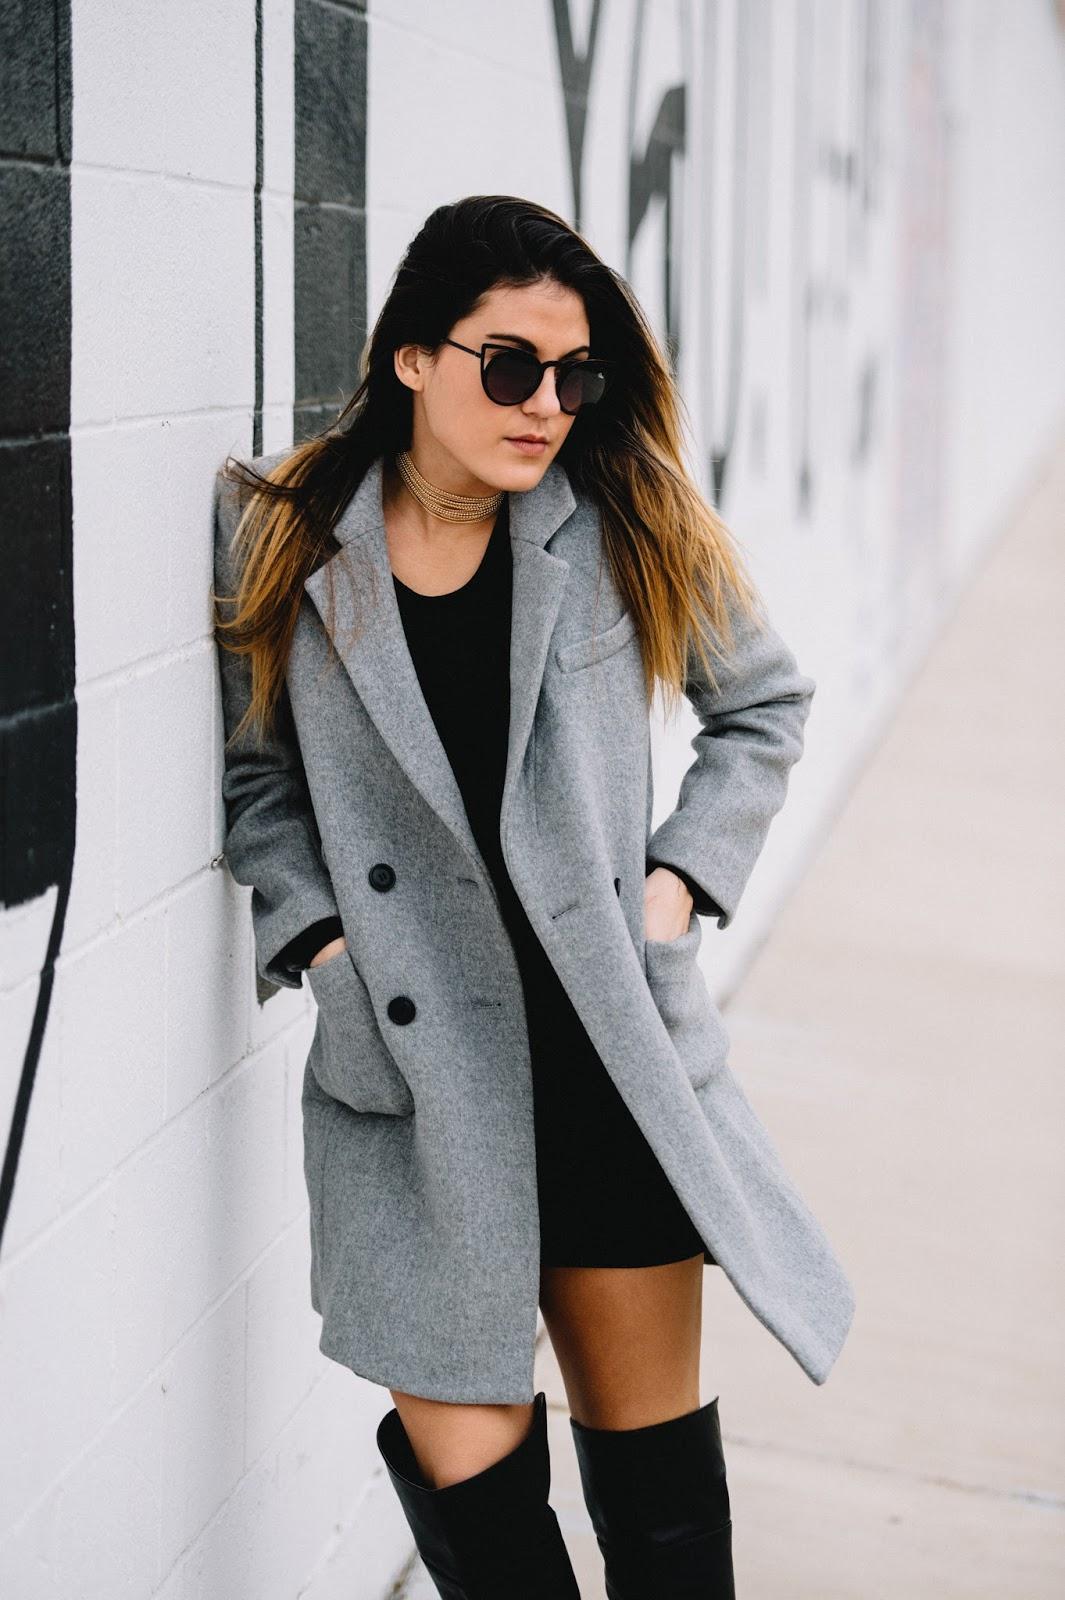 #OOTD Style Blogger @taylorwinkelmeyer